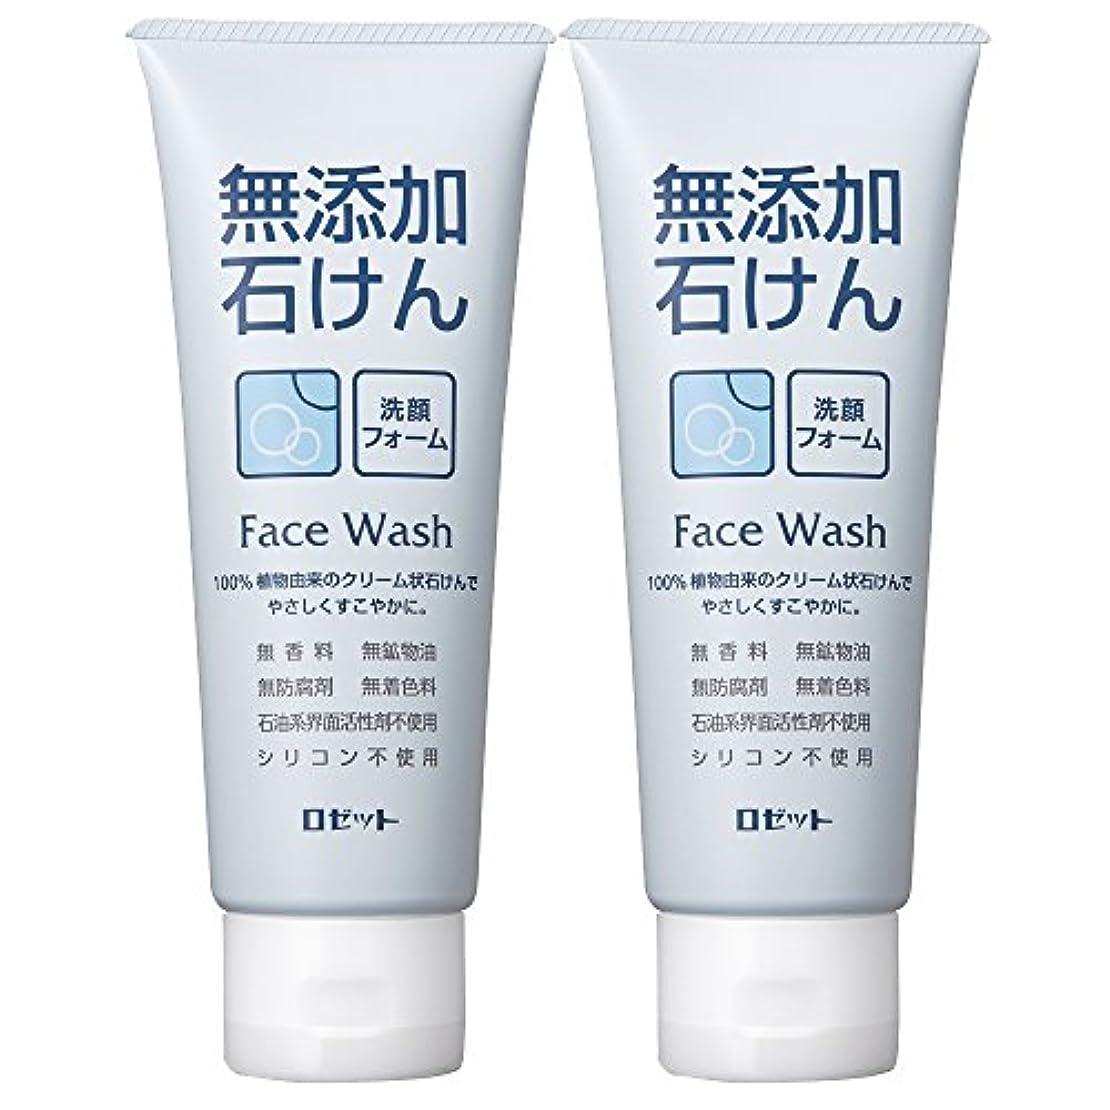 博覧会男らしさスポンジロゼット 無添加石けん 洗顔フォーム 140g×2個パック AZ